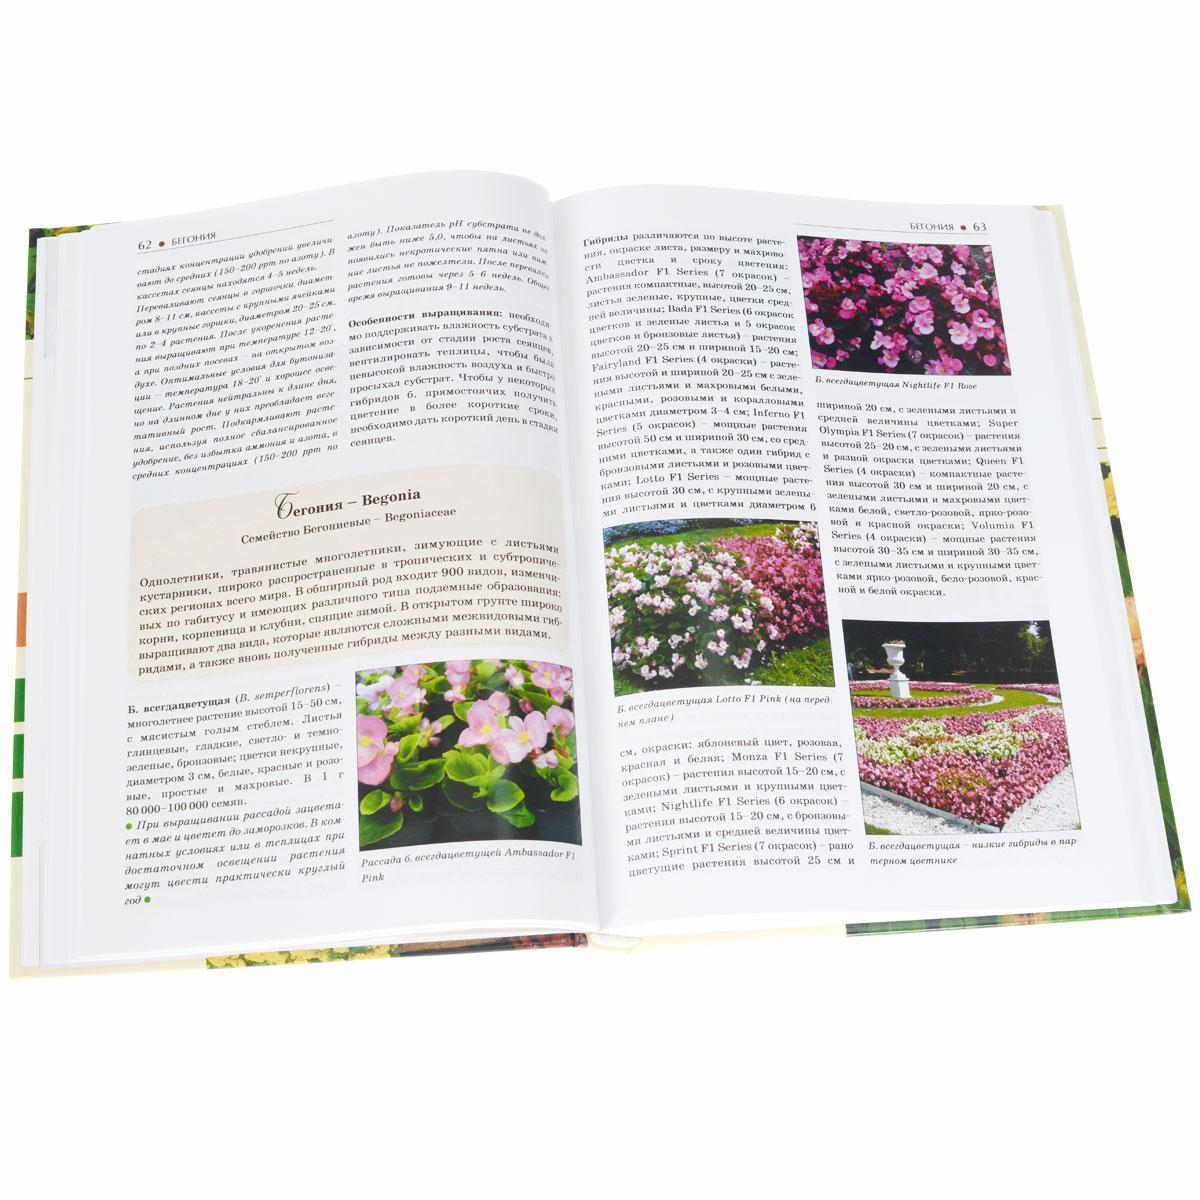 Однолетние и многолетние декоративные растения для цветников. Иллюстрированный атлас